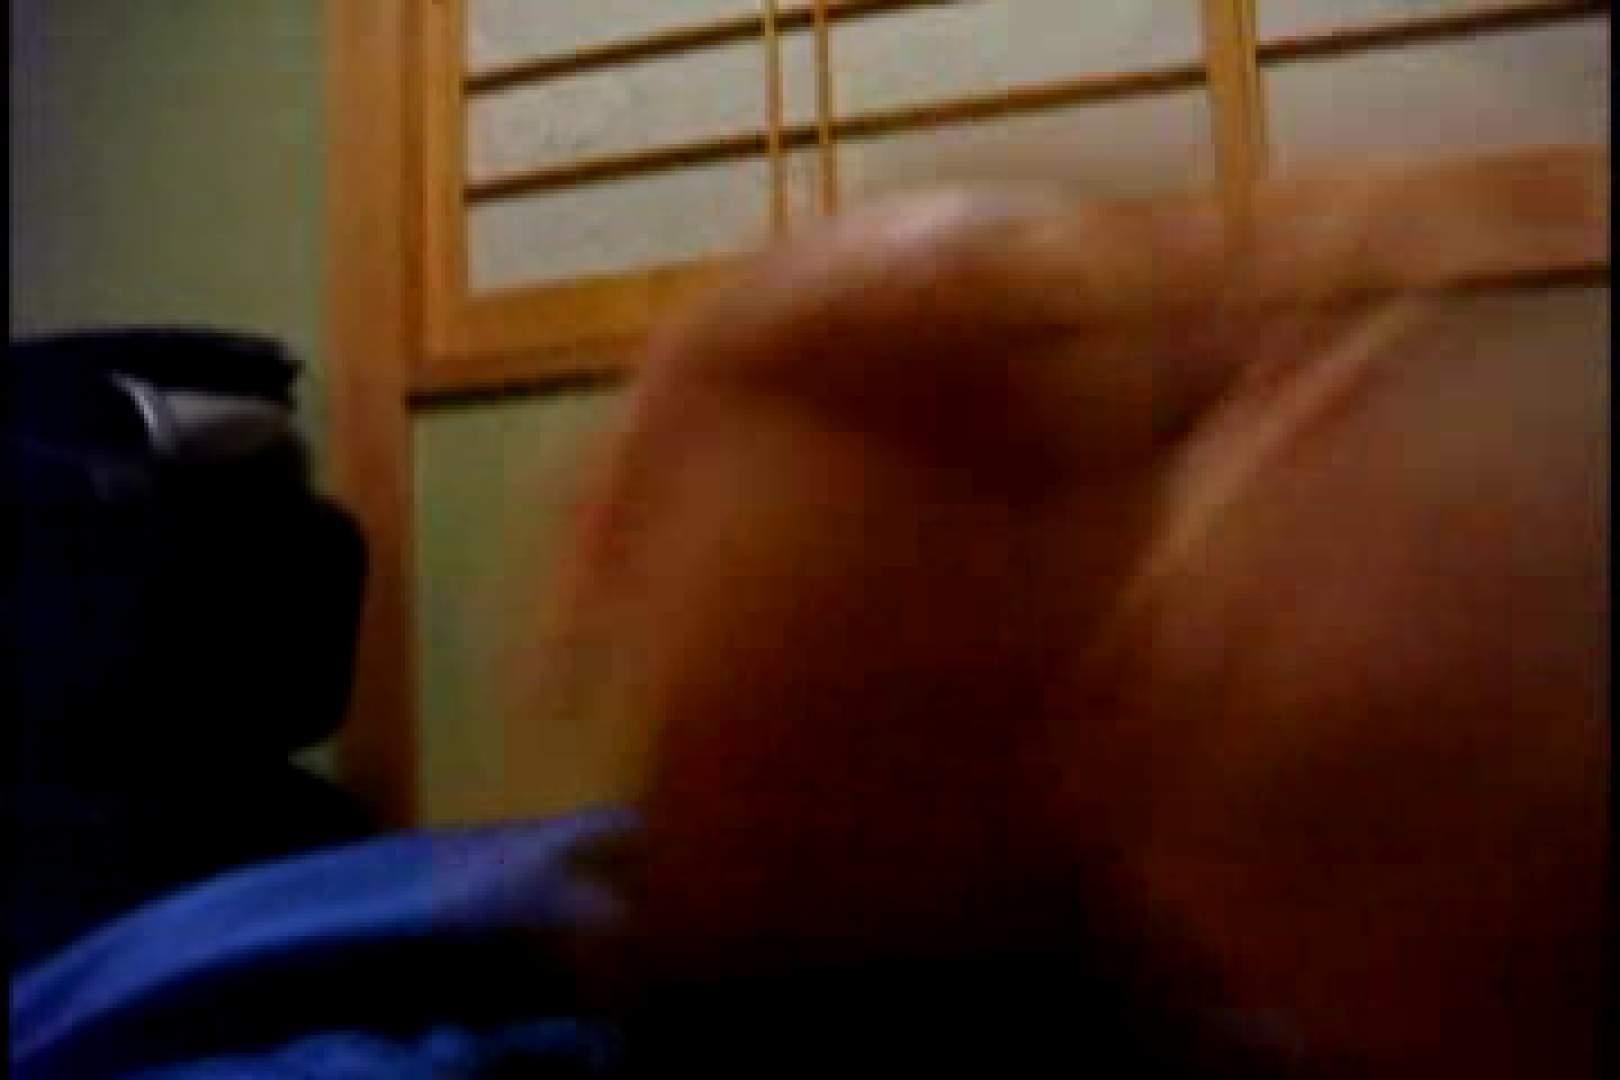 オナ好きノンケテニス部員の自画撮り投稿vol.02 流出  104pic 61